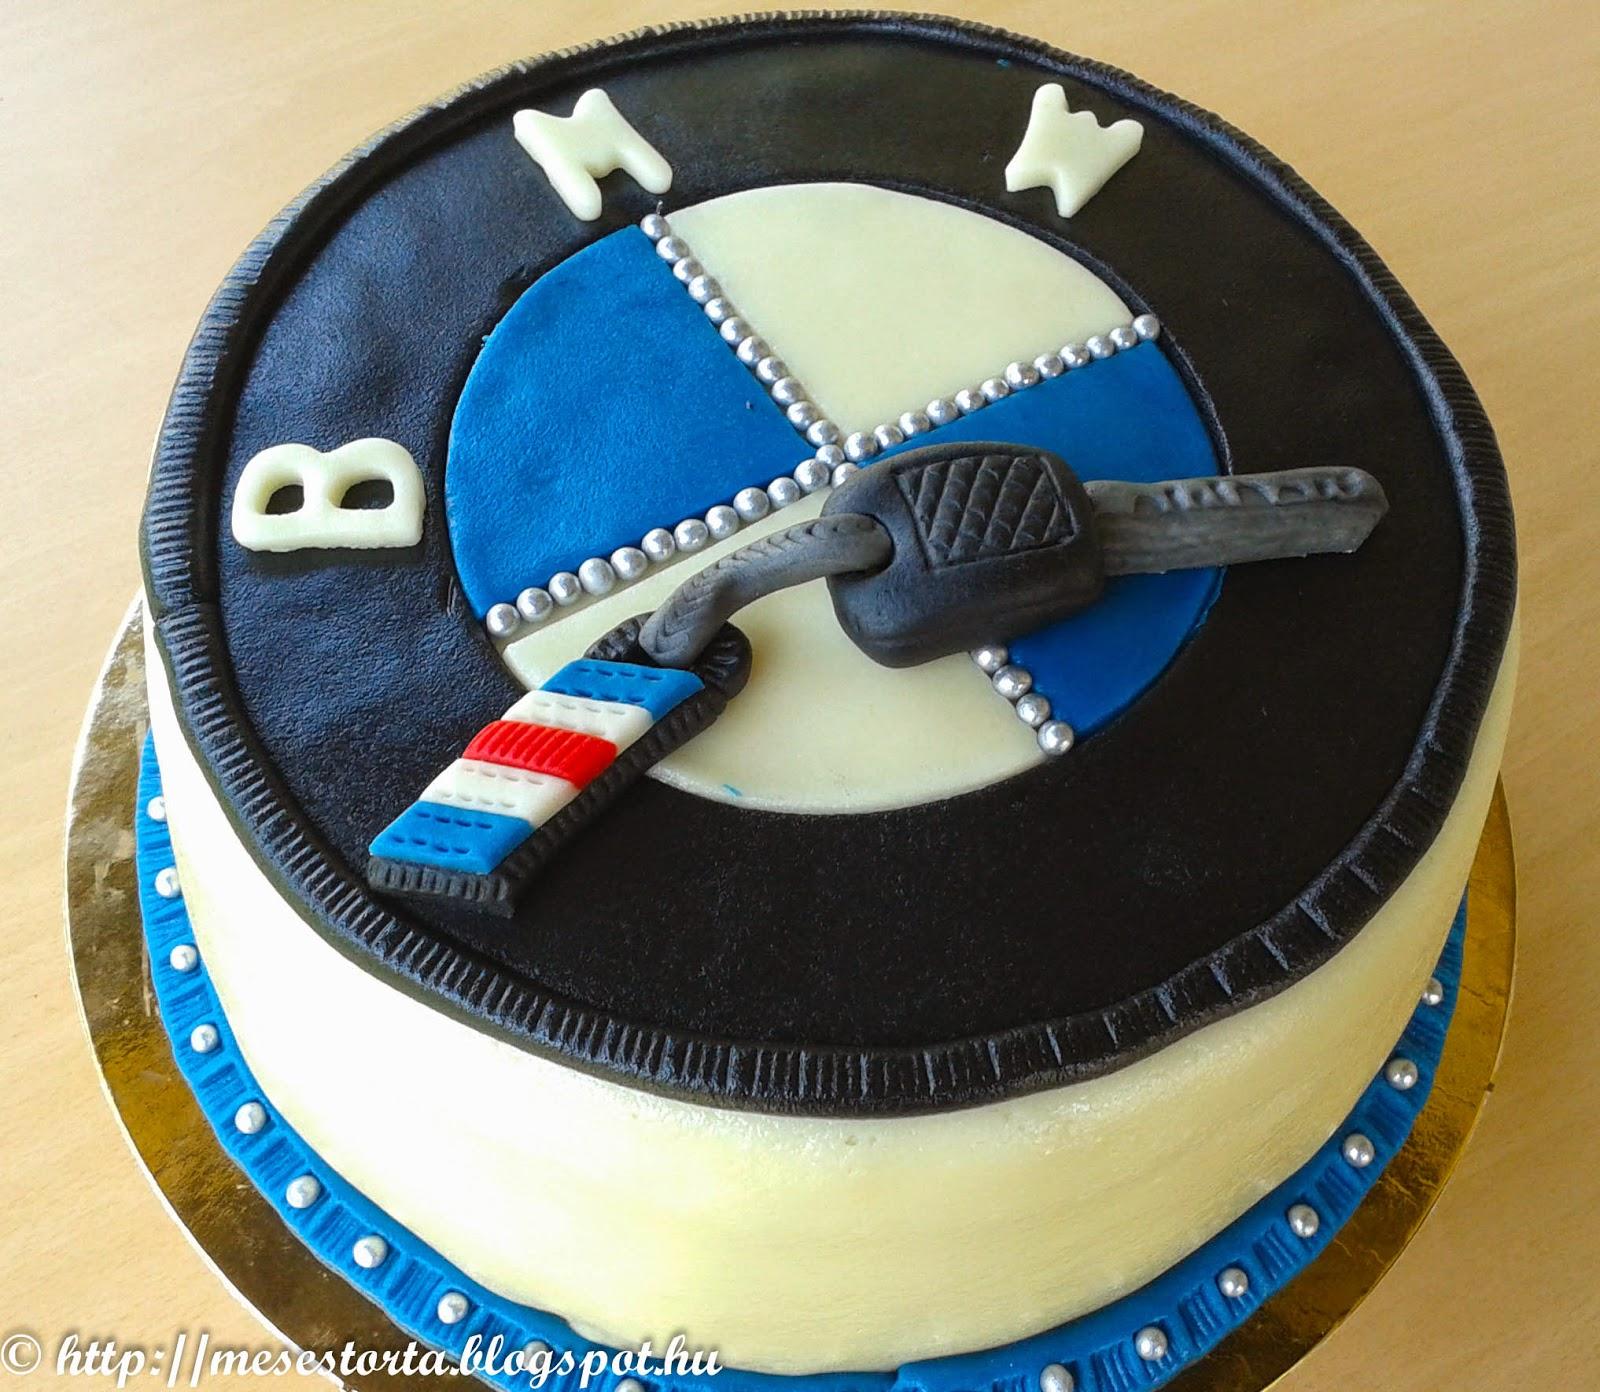 boldog születésnapot bmw Design tortakülönlegességek Gábor konyhájából: BMW 2.0 boldog születésnapot bmw